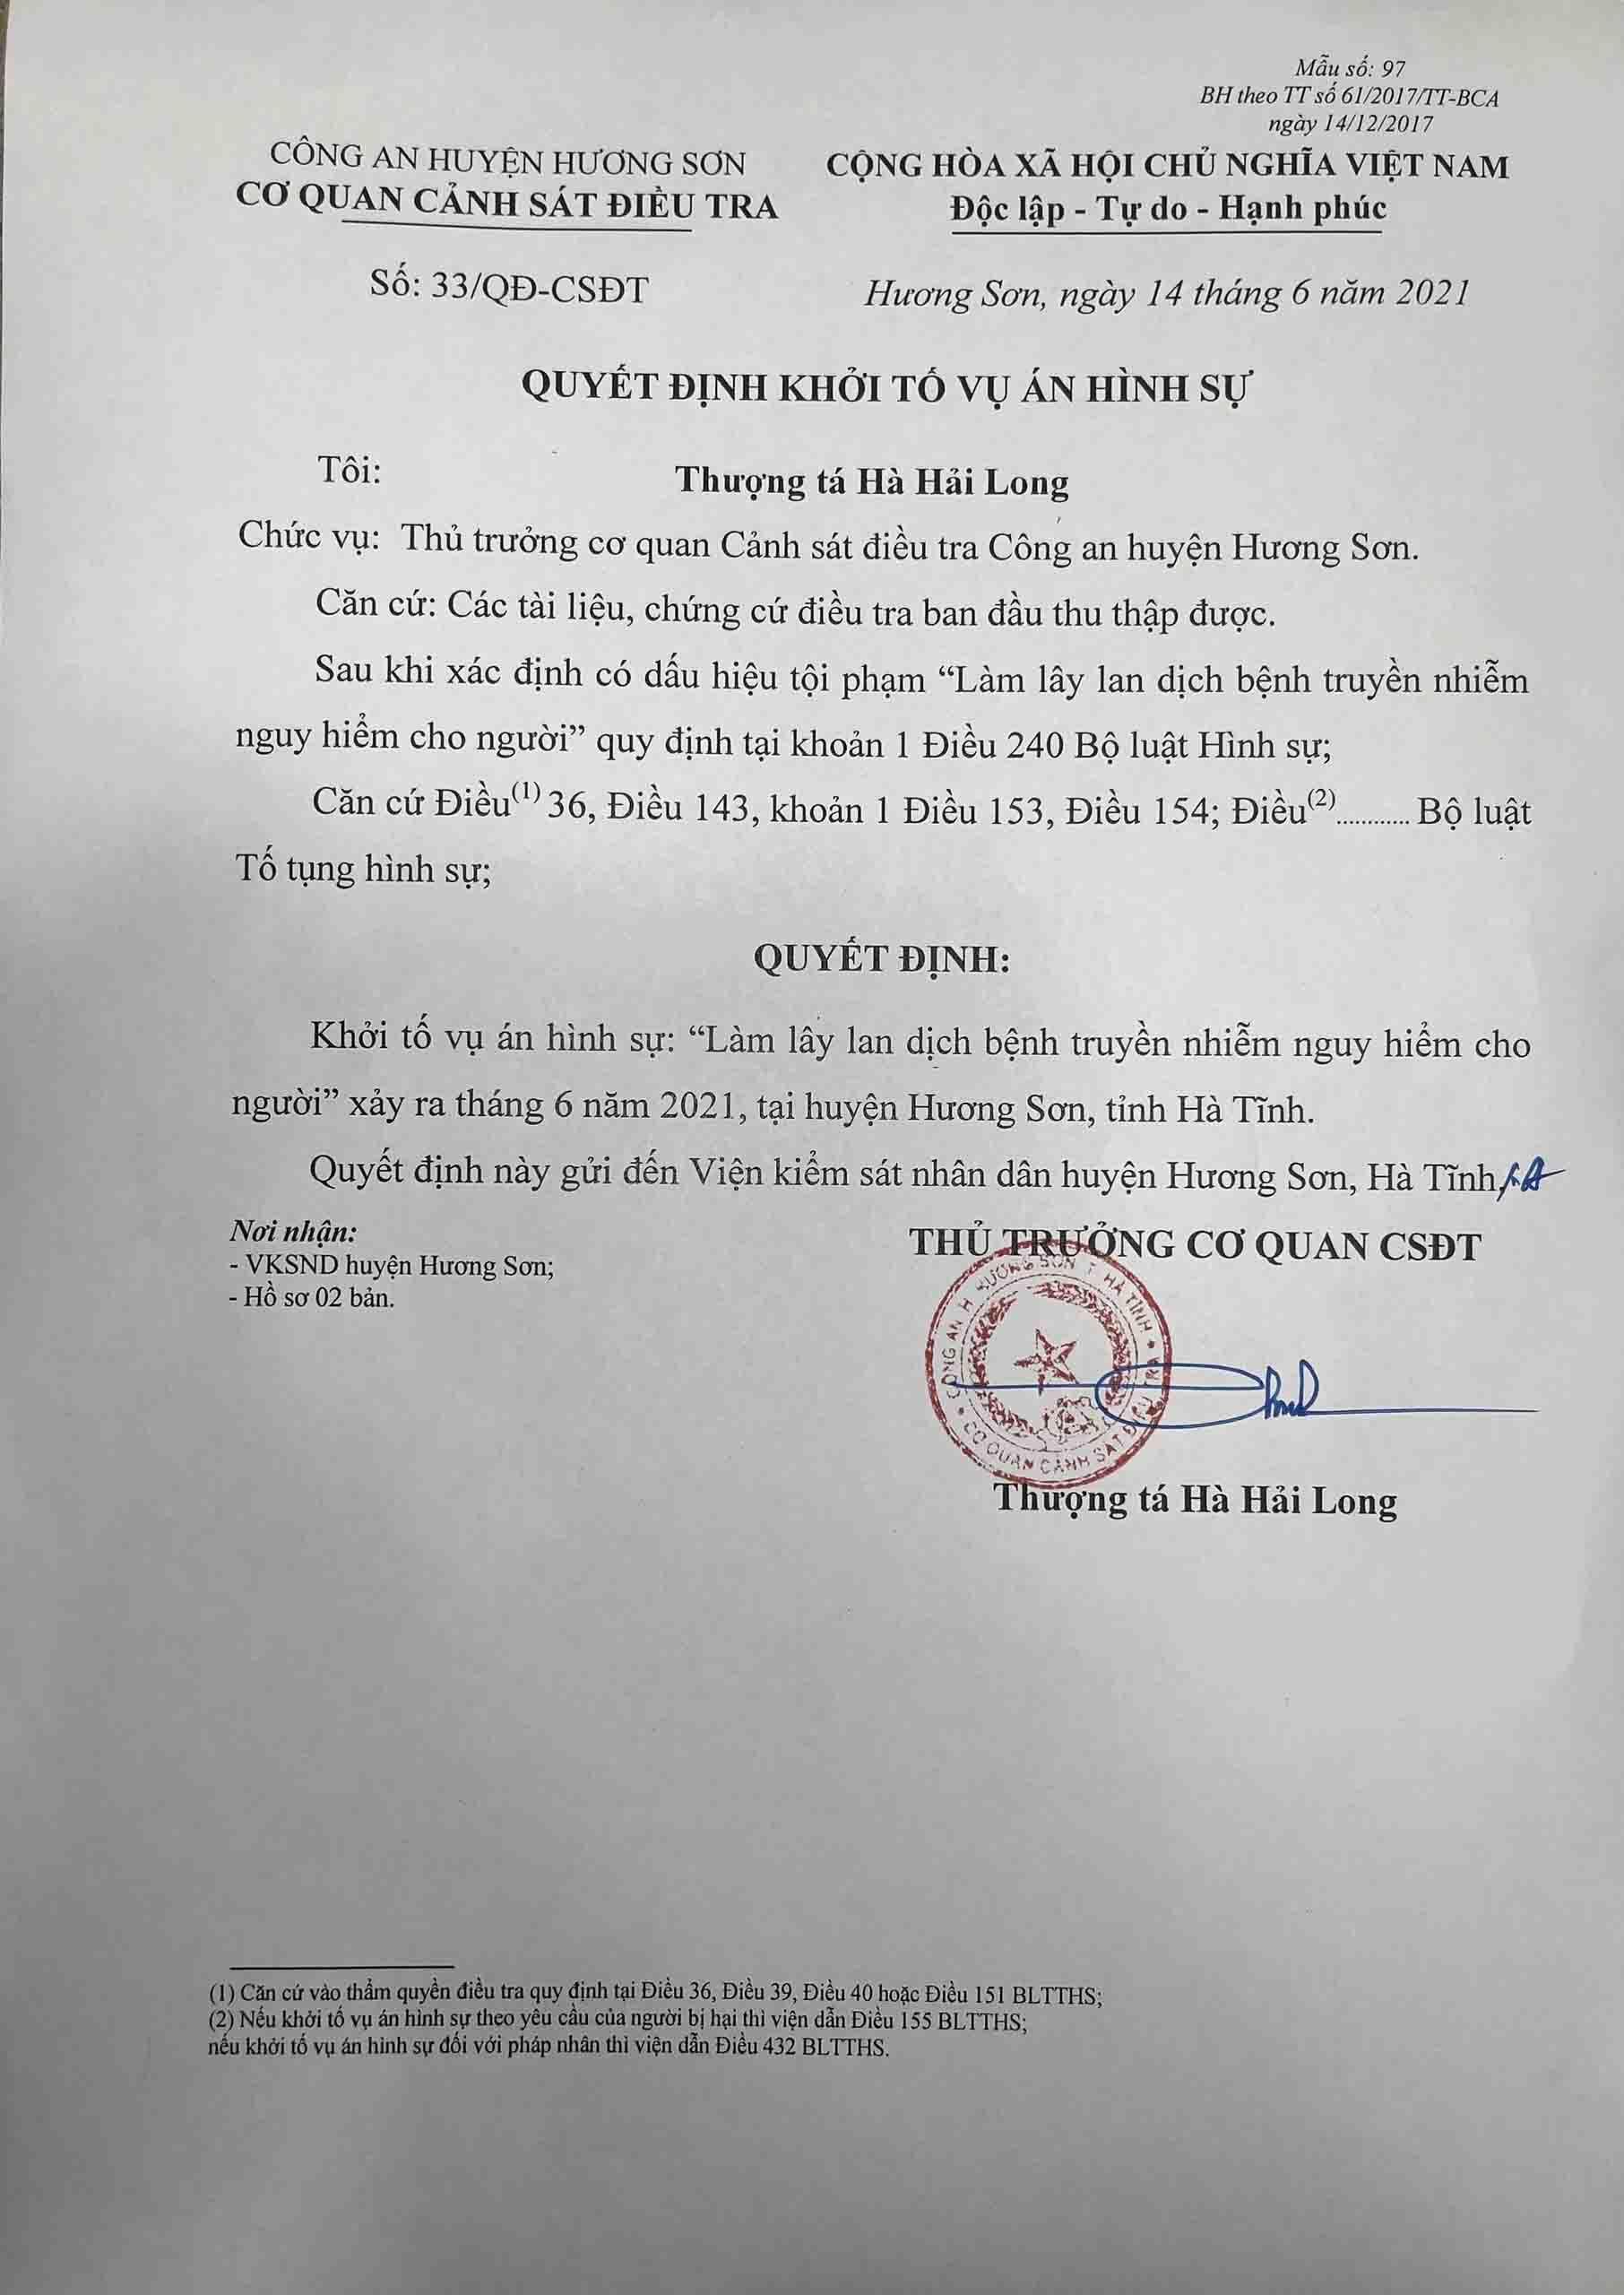 Khởi tố vụ án làm lây lan dịch bệnh nguy hiểm ở Hà Tĩnh